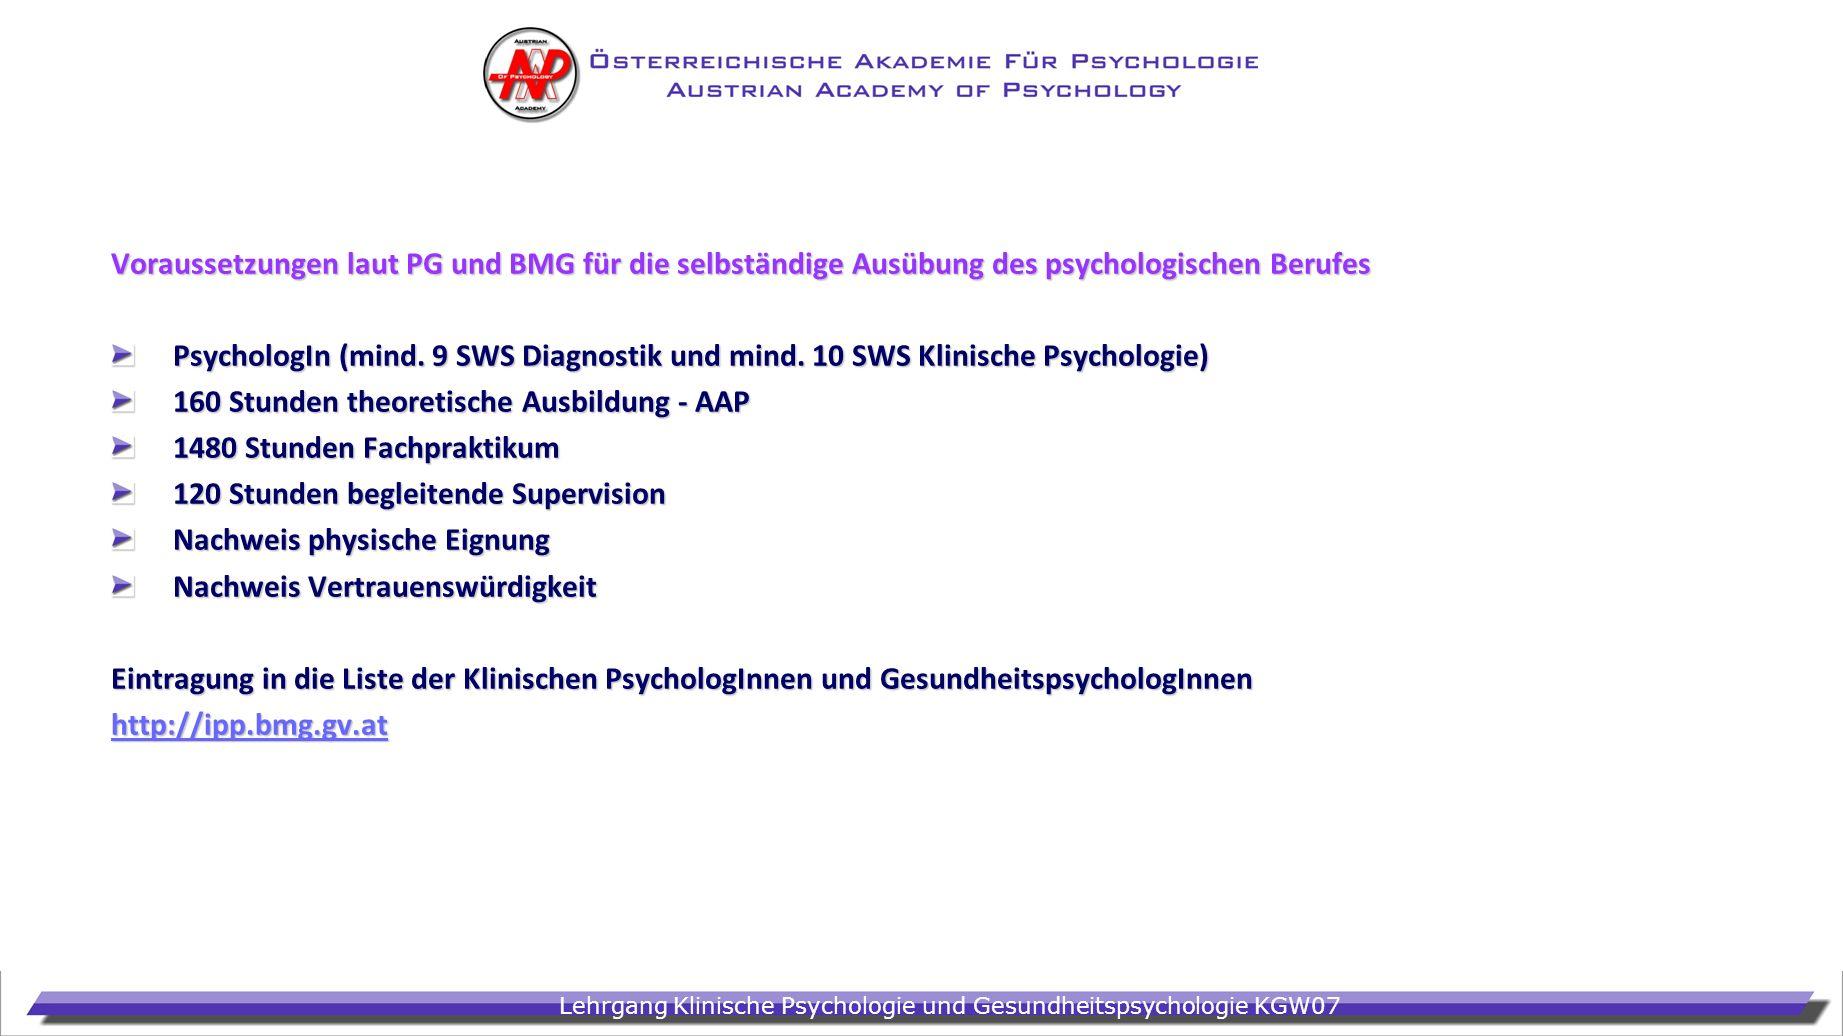 Lehrgang Klinische Psychologie und Gesundheitspsychologie KGW07 Voraussetzungen laut PG und BMG für die selbständige Ausübung des psychologischen Beru